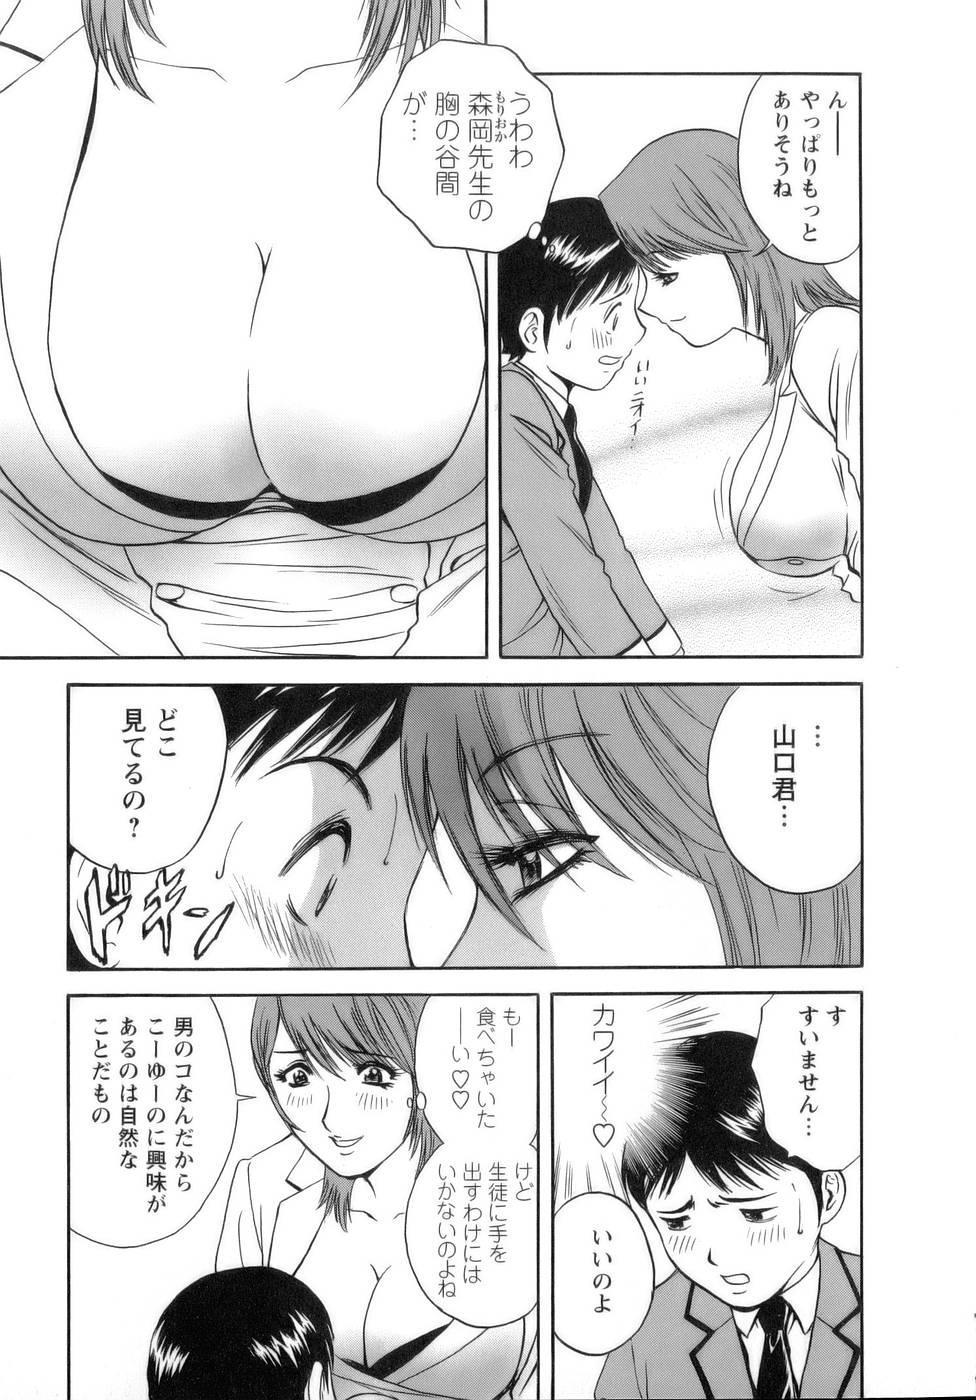 [Hidemaru] Mo-Retsu! Boin Sensei (Boing Boing Teacher) Vol.1 53